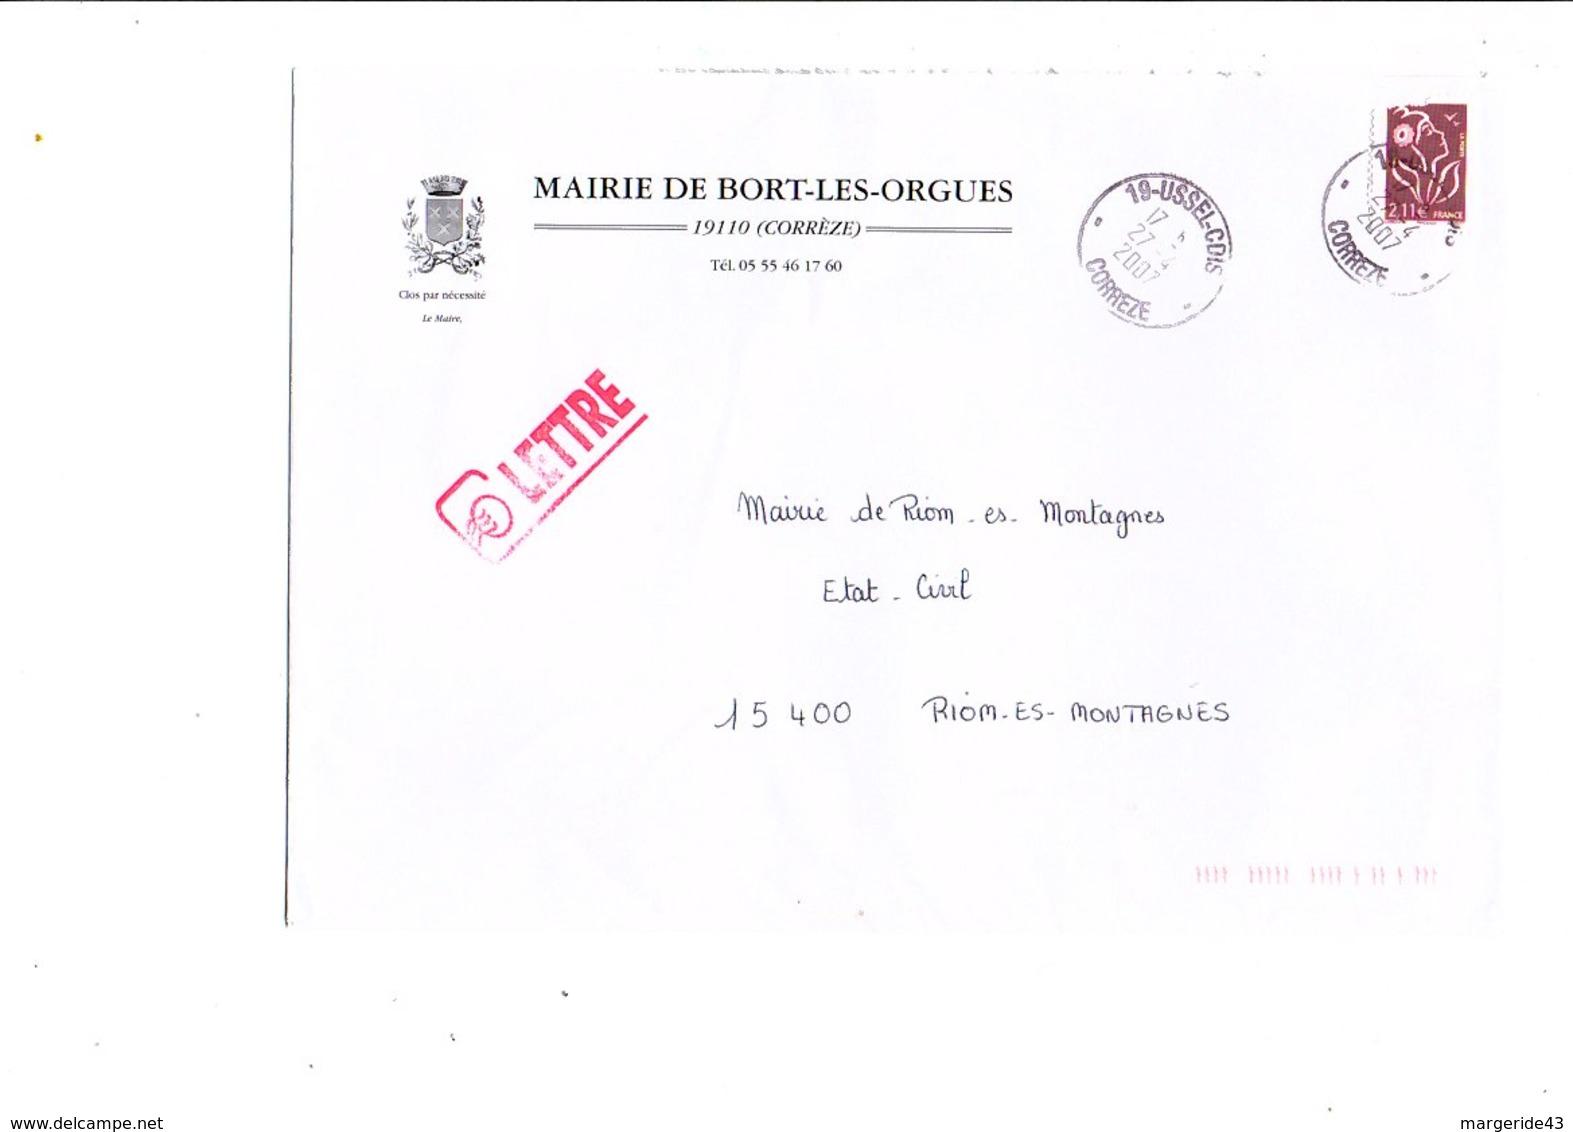 LETTRE DE MAIRIE DE BORT-LES-ORGUES CORREZE - Marcophilie (Lettres)